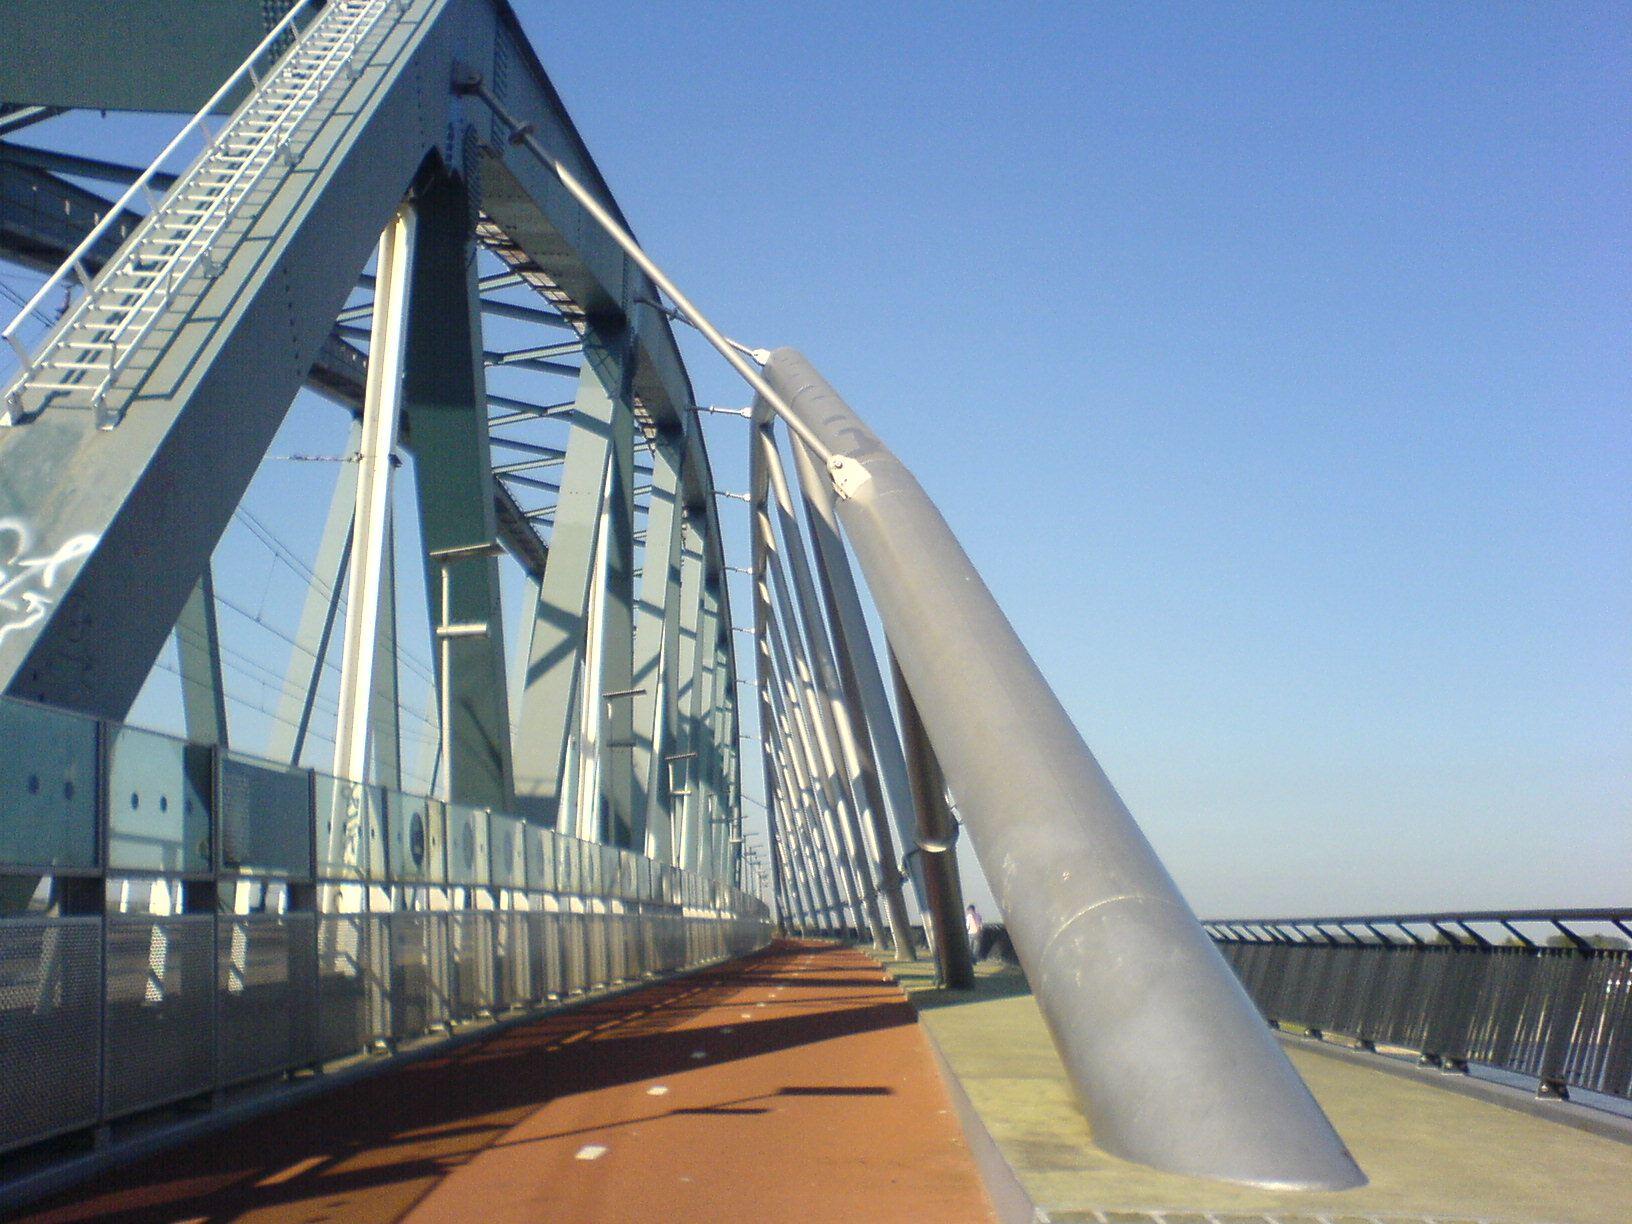 Nimwegen Snelbinder Radverkehr Brücke Eisenbahnbrücke